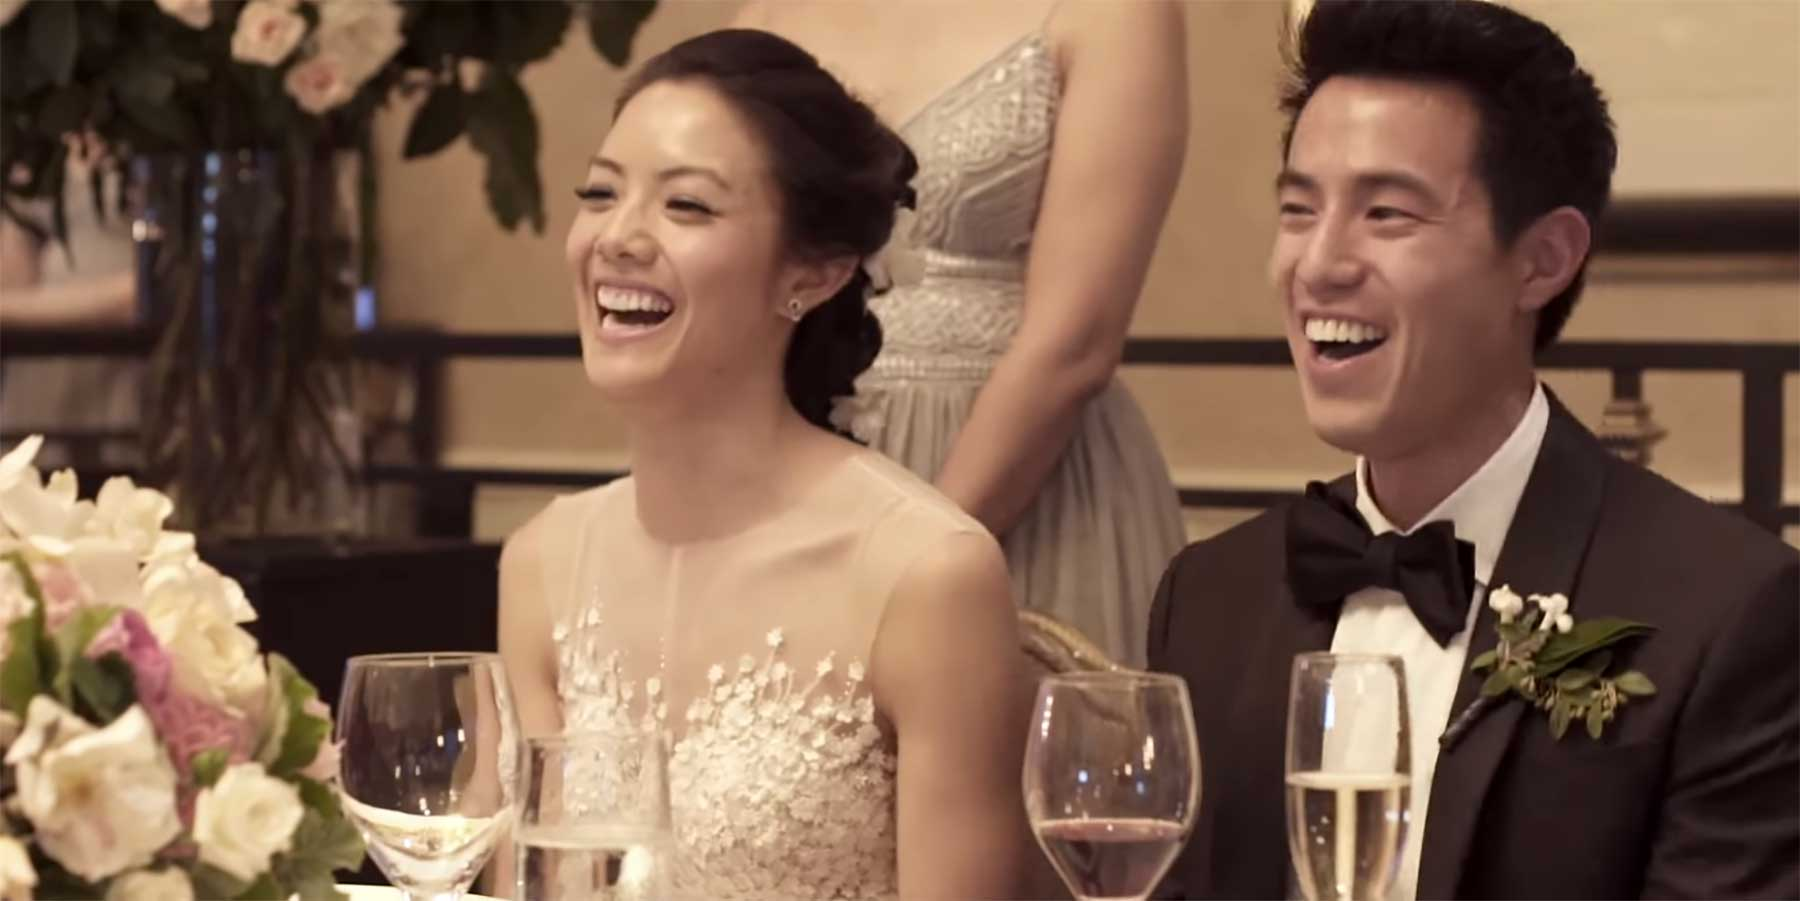 Experte für Firmenzusammenschlüsse zeigt auf Hochzeit eine Analyse zum Brautpaar